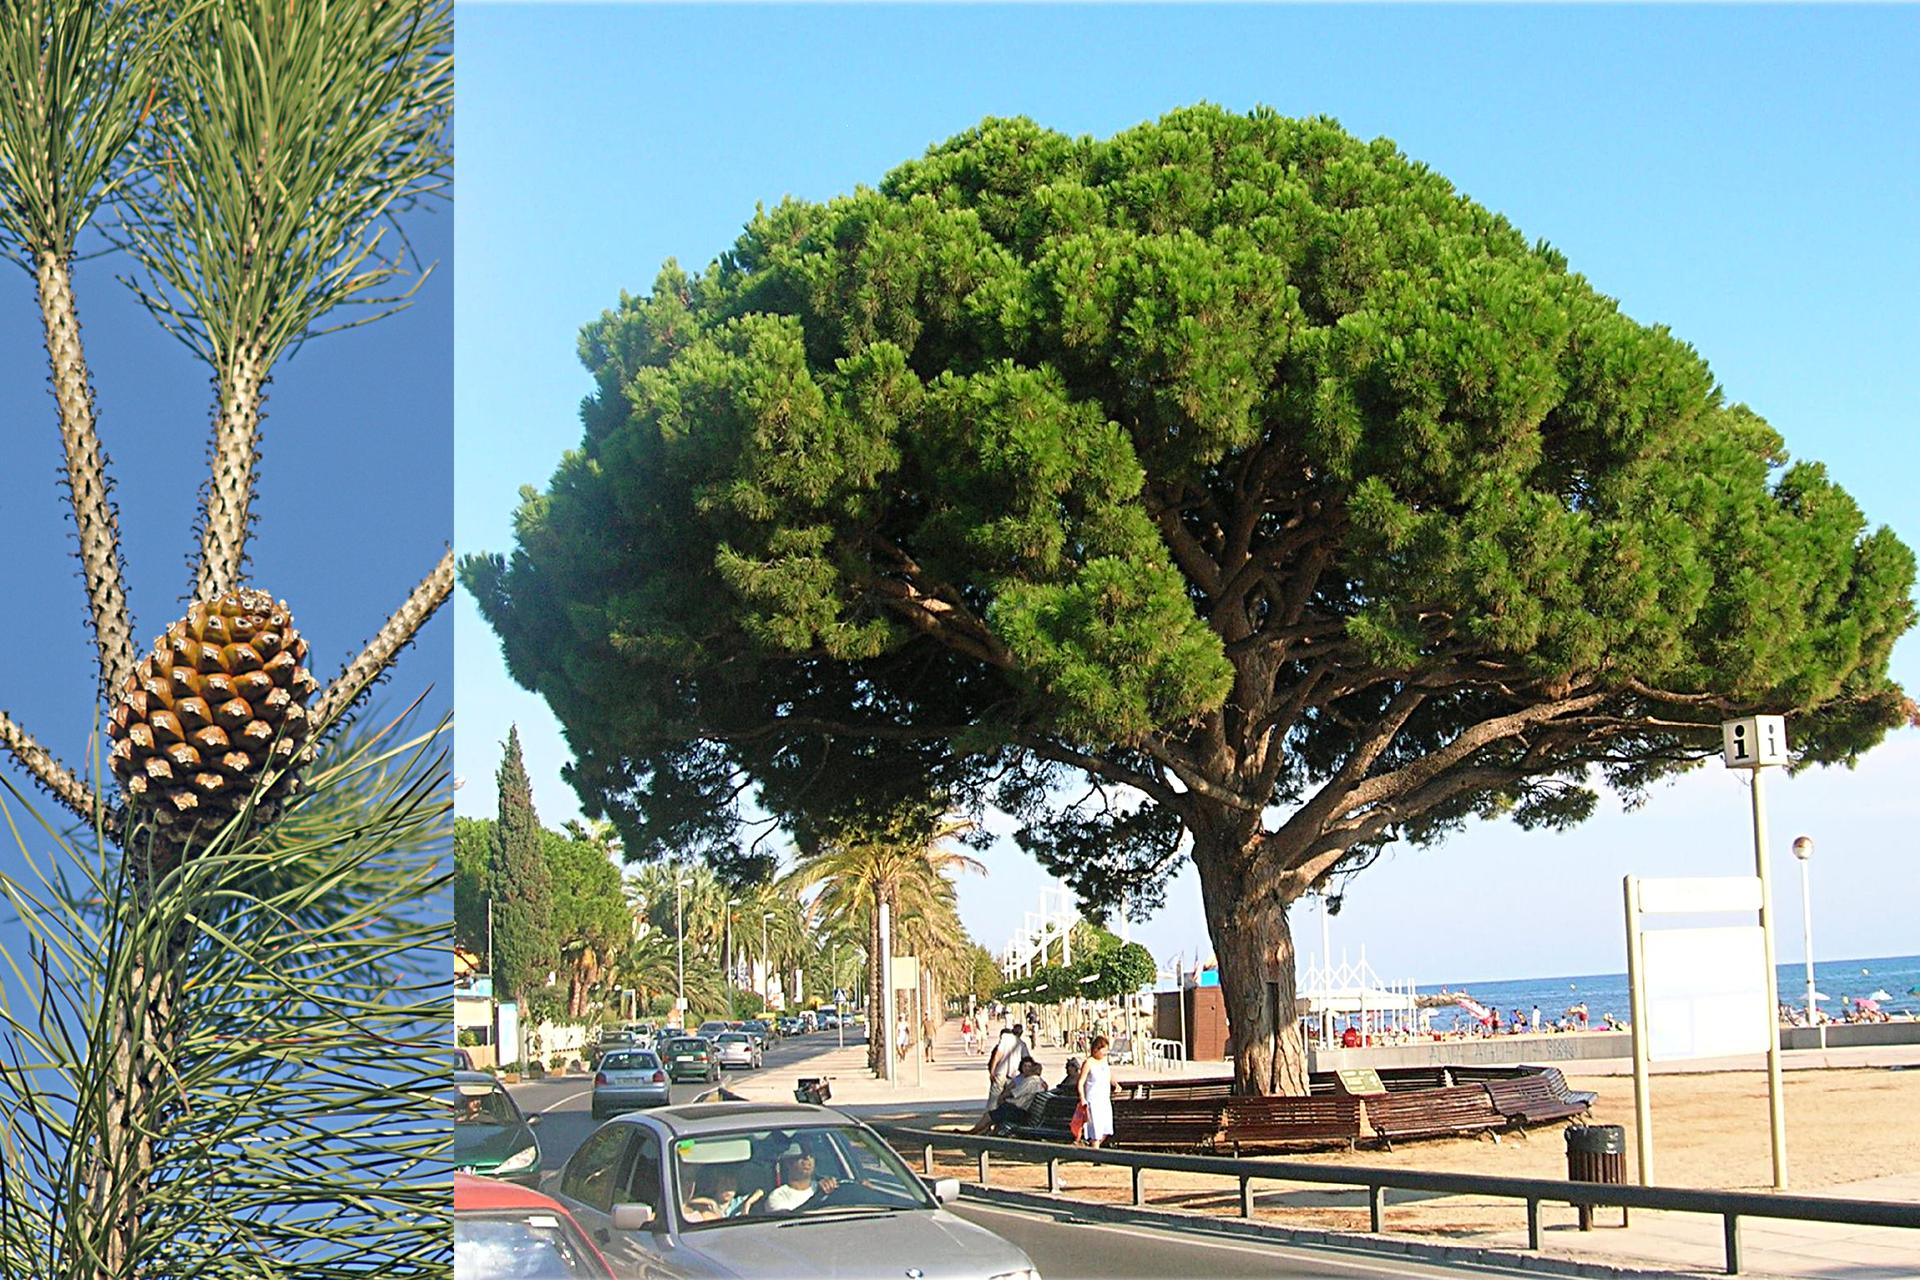 Fotografia zlewej przedstawia długie gałązki sosny pinii. Gałązki częściowo mają długie, wąskie igły wpęczkach odwie. Na rozwidleniu gałązek wyrasta jajowata, regularnie urzeźbiona szyszka. Fotografia po prawej przedstawia śródziemnomorski krajobraz . Po ulicy jadą samochody, obok rośnie duże drzewo pinii. Na ławce wokół niego siedzą ludzie. Wtle zabudowania, inne drzewa ipasek błękitnego morza.